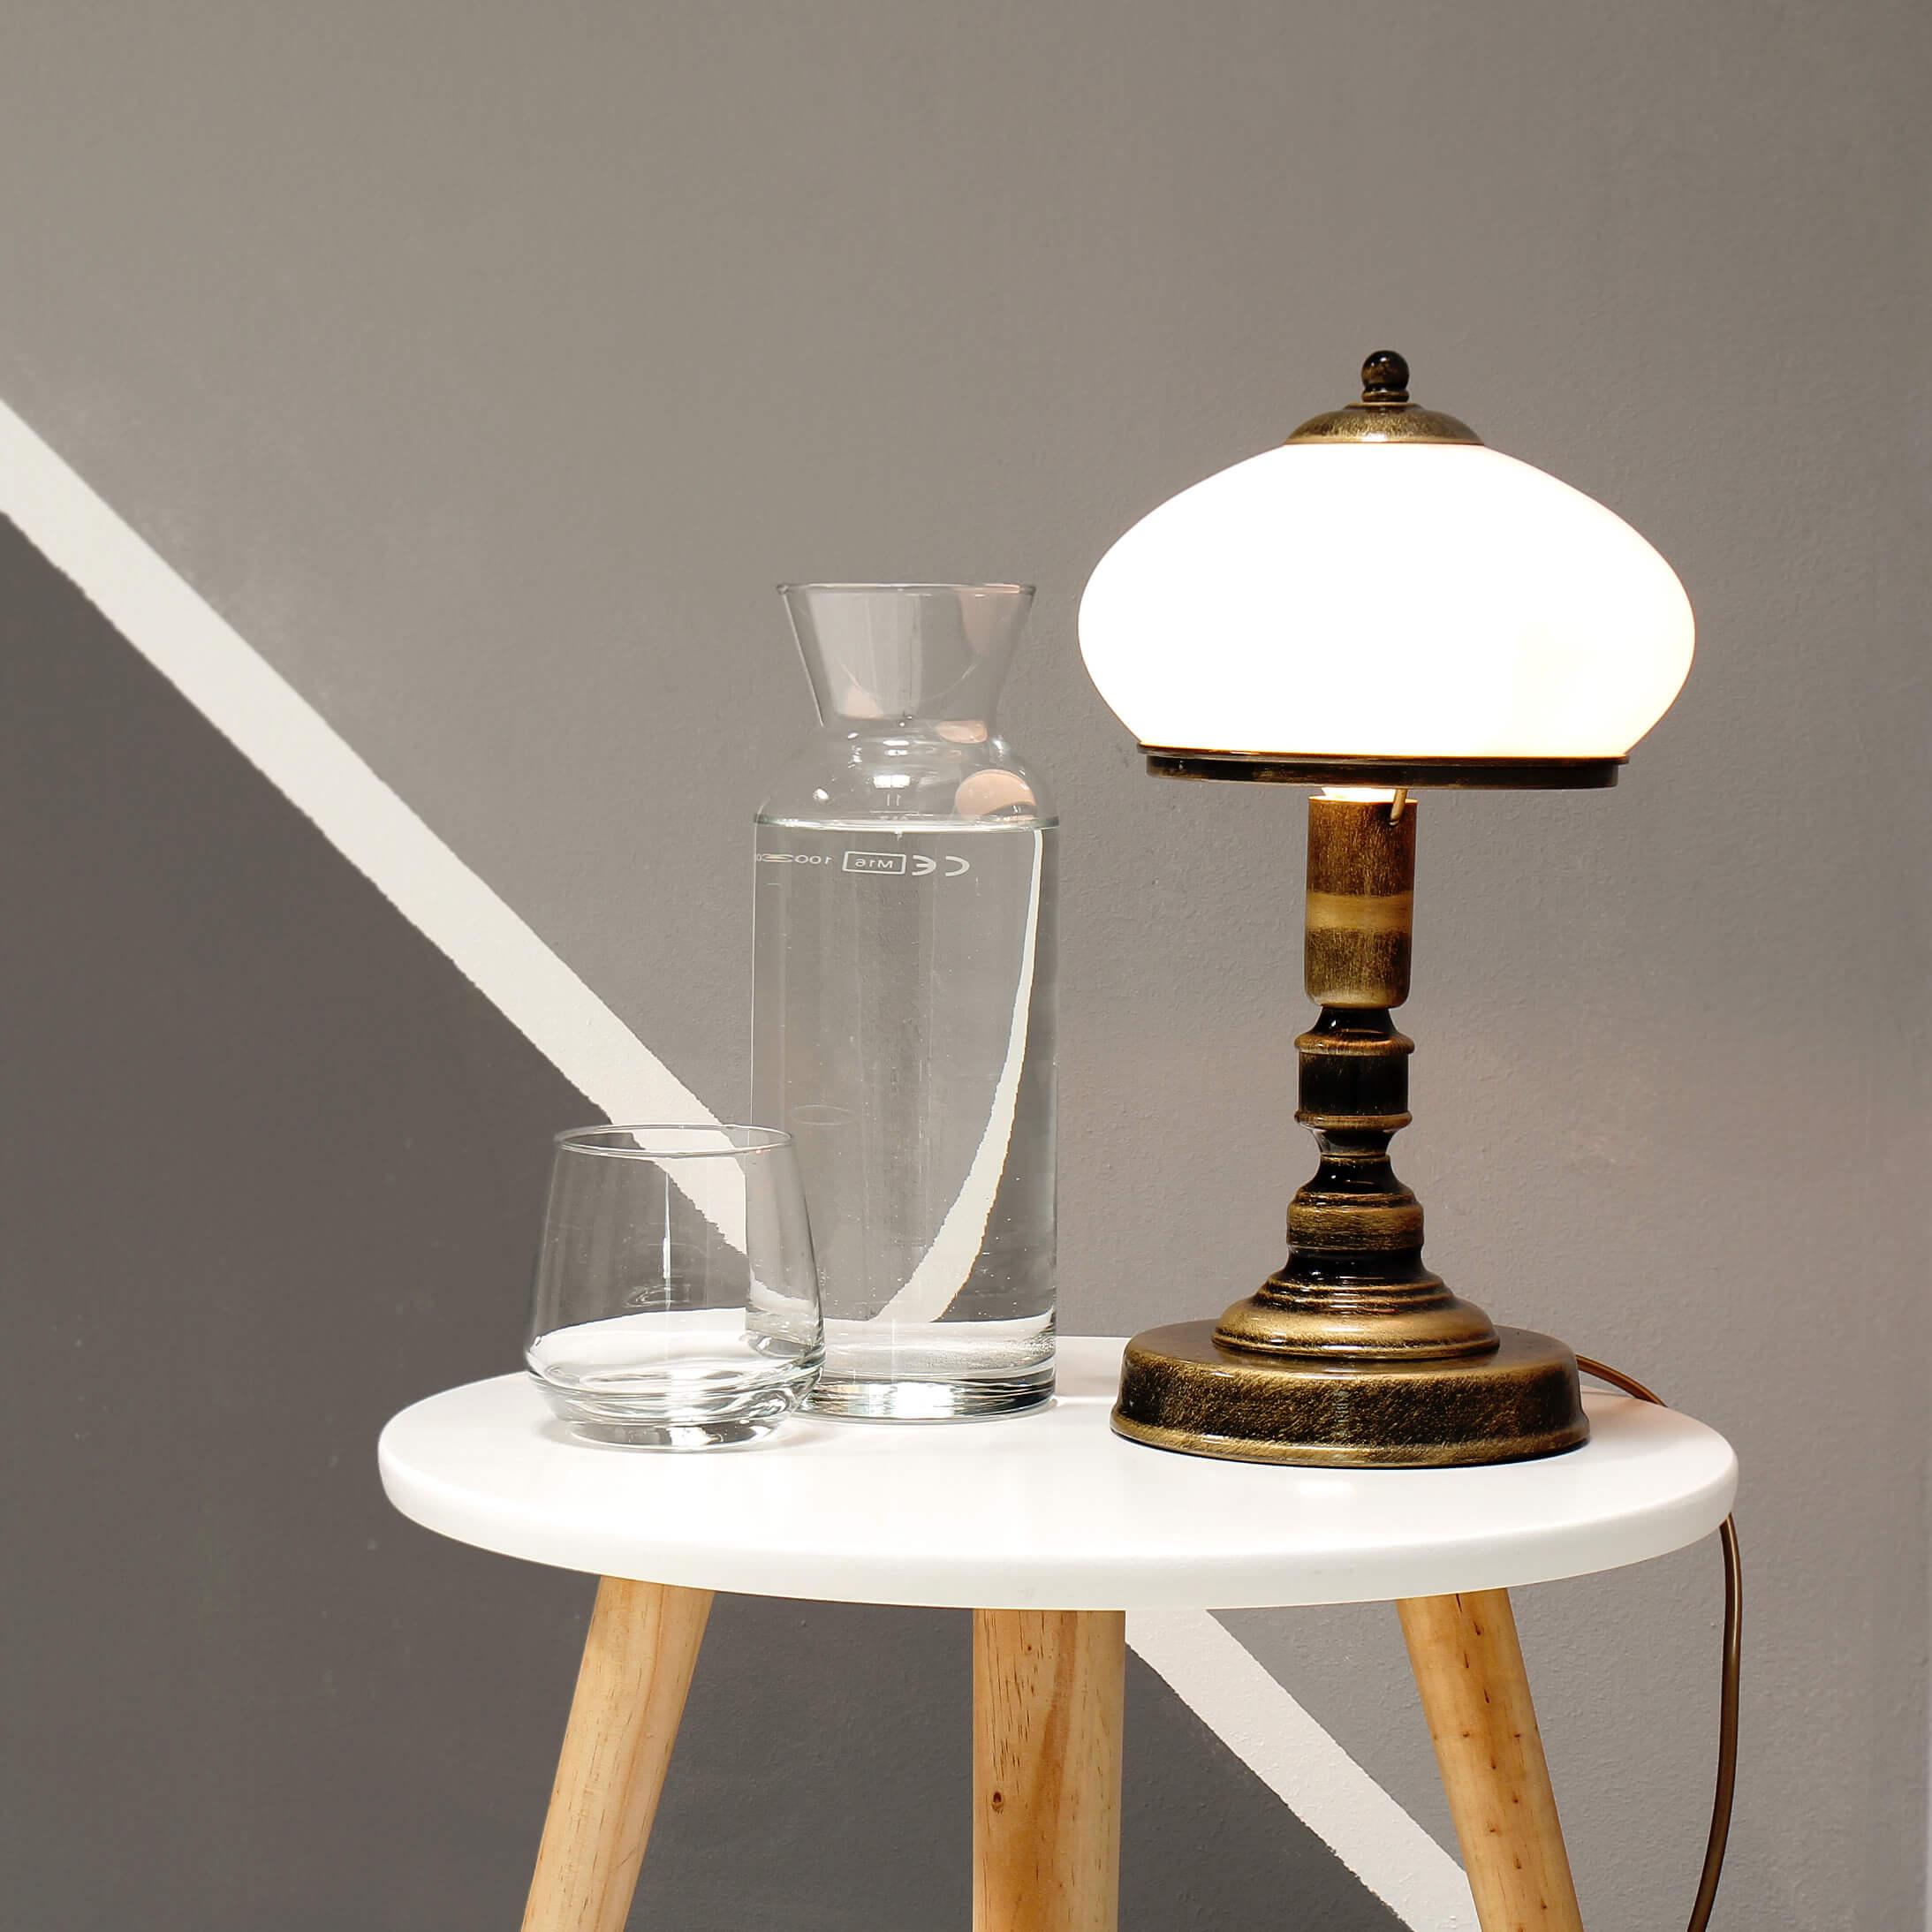 Tischlampe Weiß Messing Tischleuchte Glasschirm